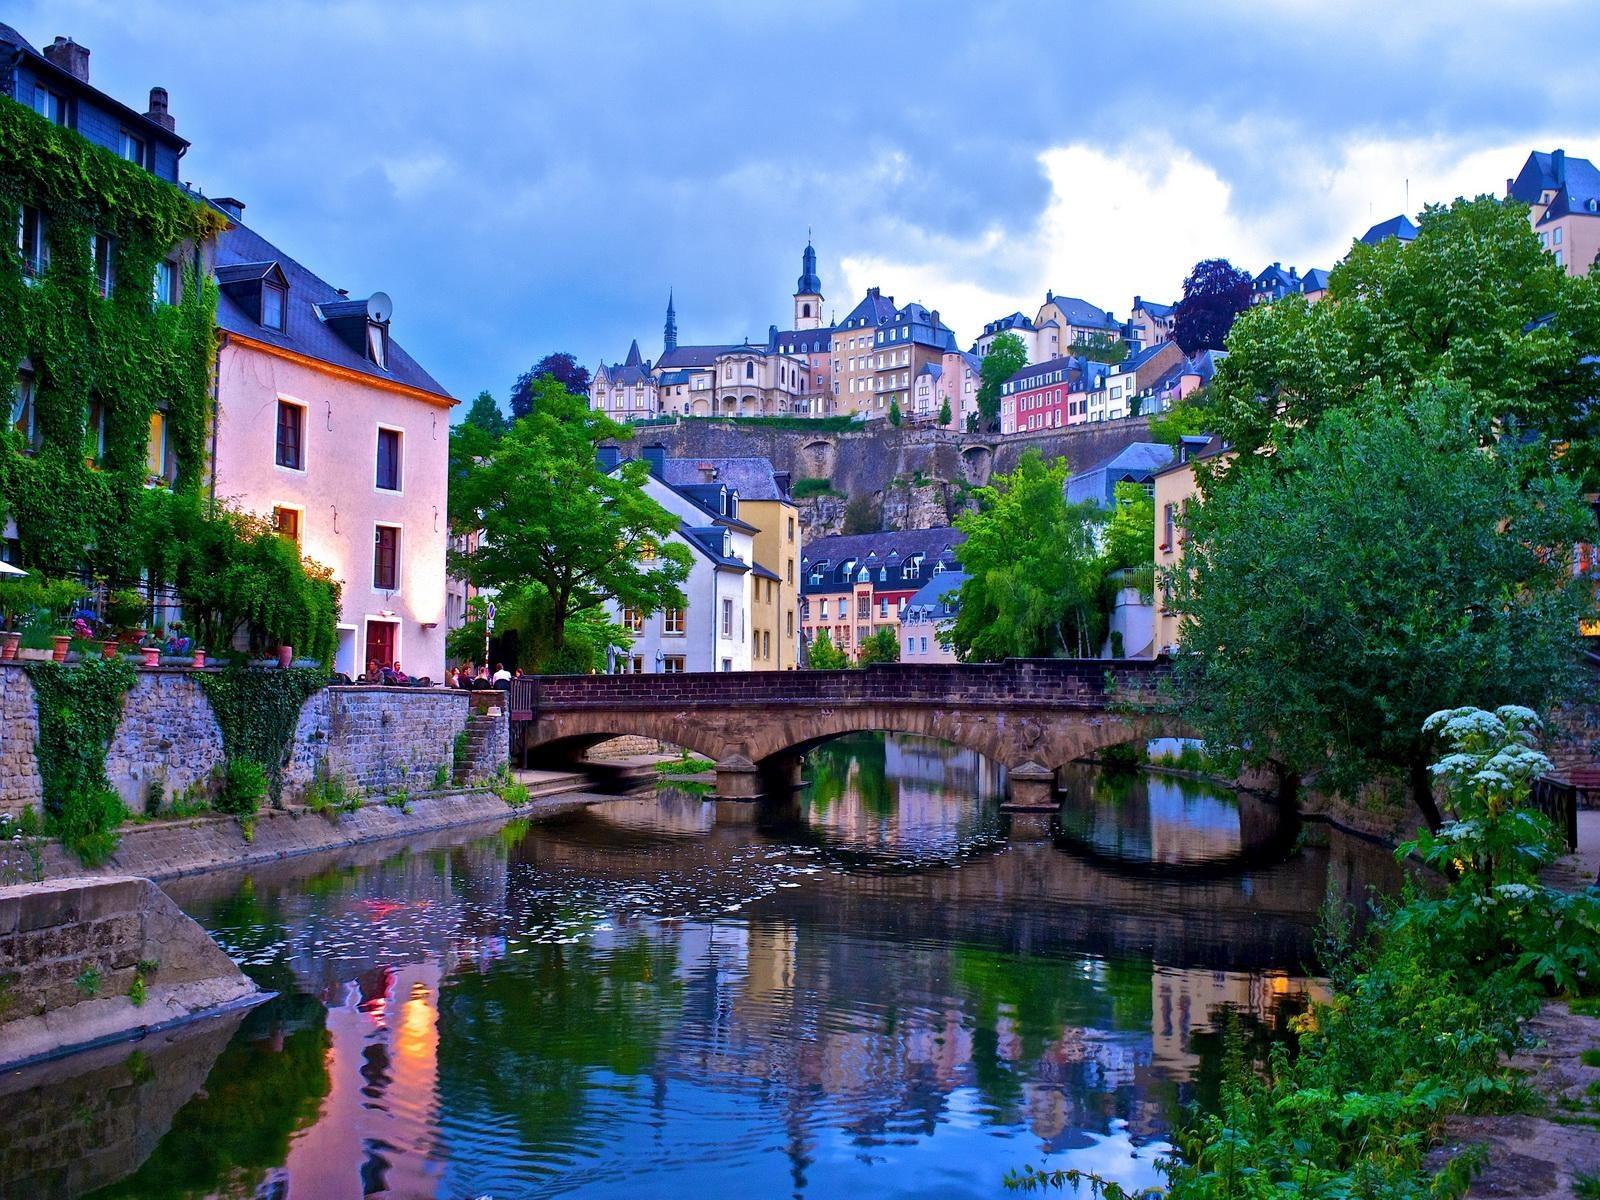 Медицинская справка для рабочей визы в люксембург фосфоритовская поликлиника расписание